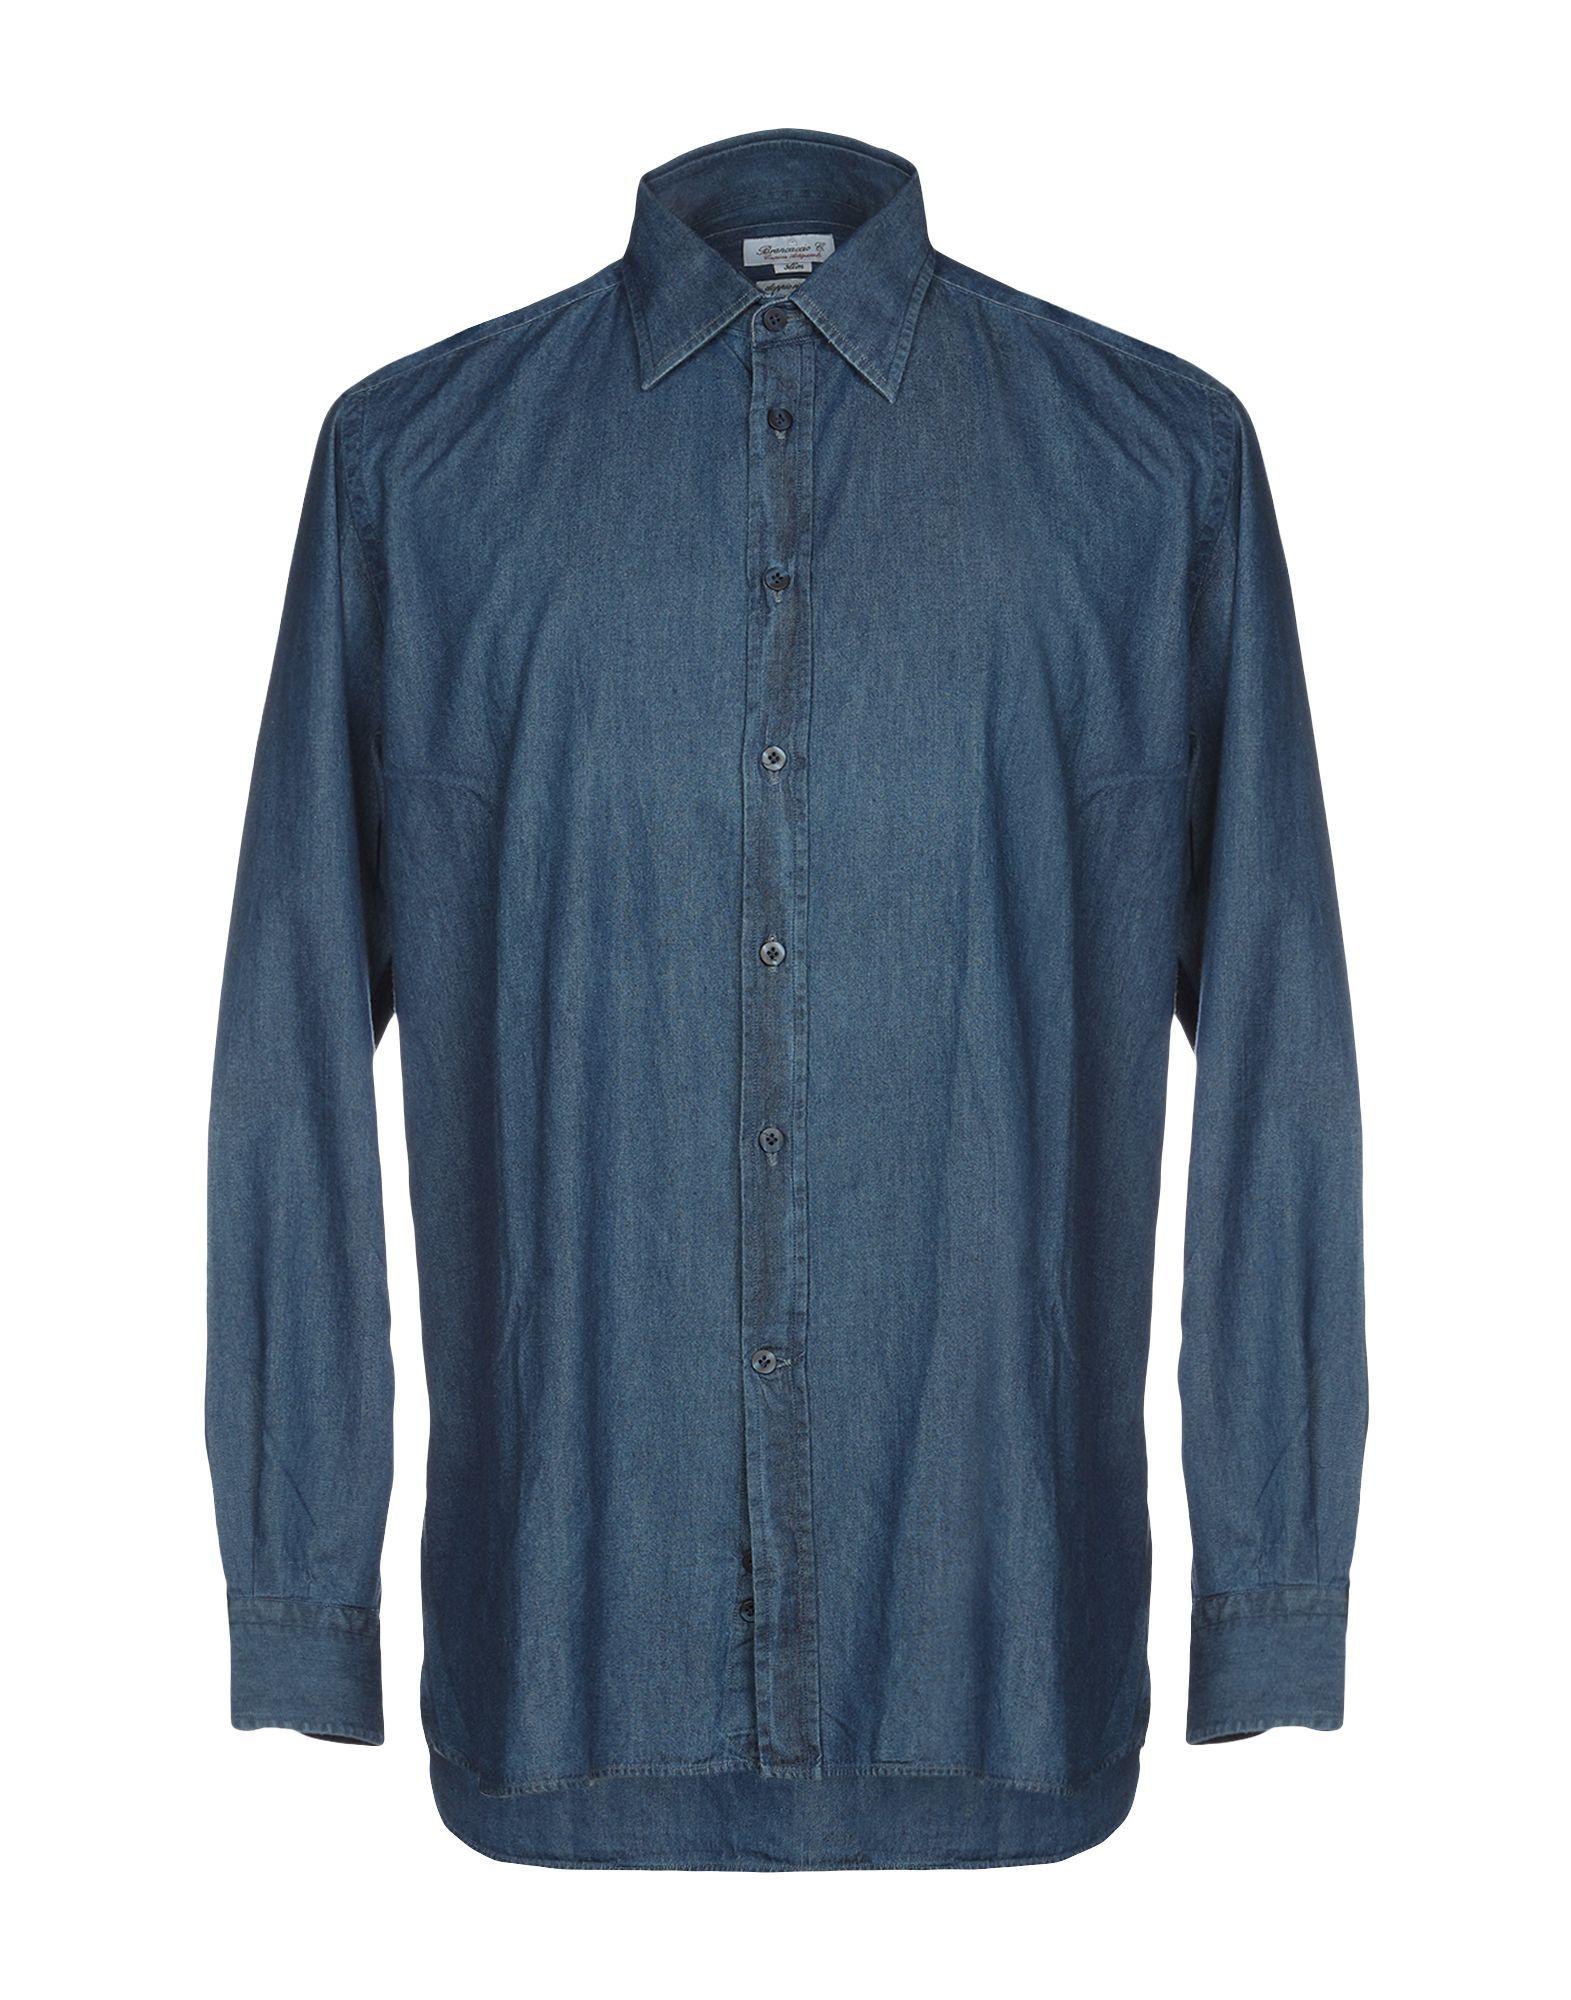 Camicia Camicia Di Jeans Brancaccio C. uomo - 42699434OU  kein Minimum